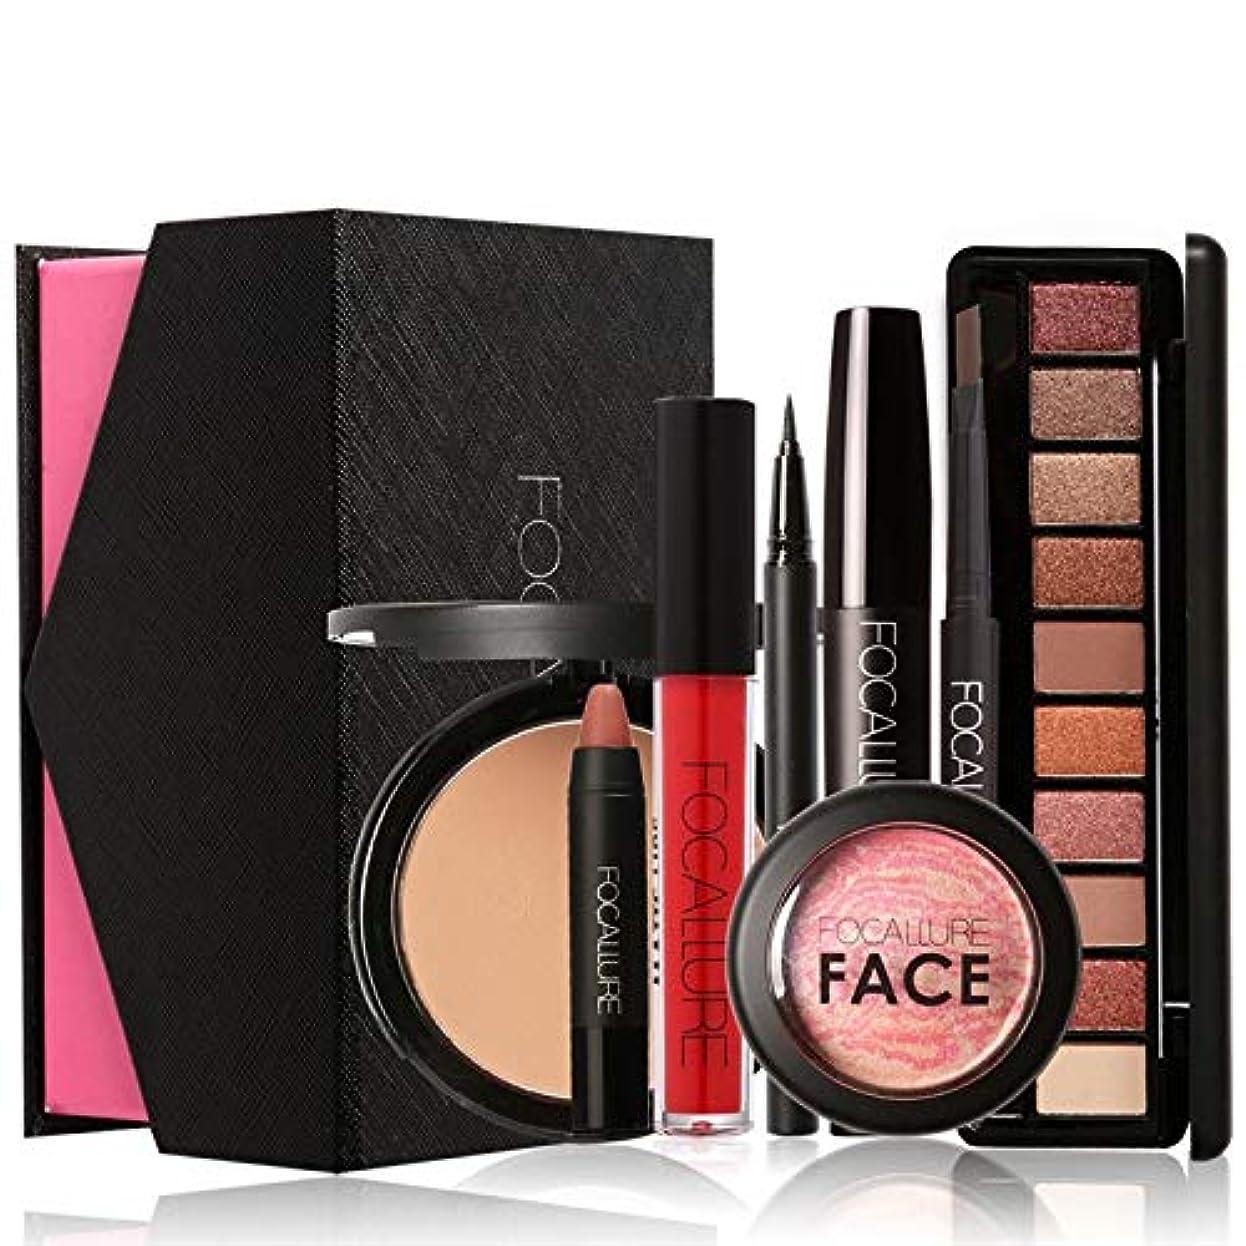 強制的ブラザー電化する8Pcs Daily Use Cosmetics Makeup Sets Make Up Cosmetics Gift Makeup Set for women 毎日の使用8個の化粧品メイクアップセットメイクアップ化粧品...